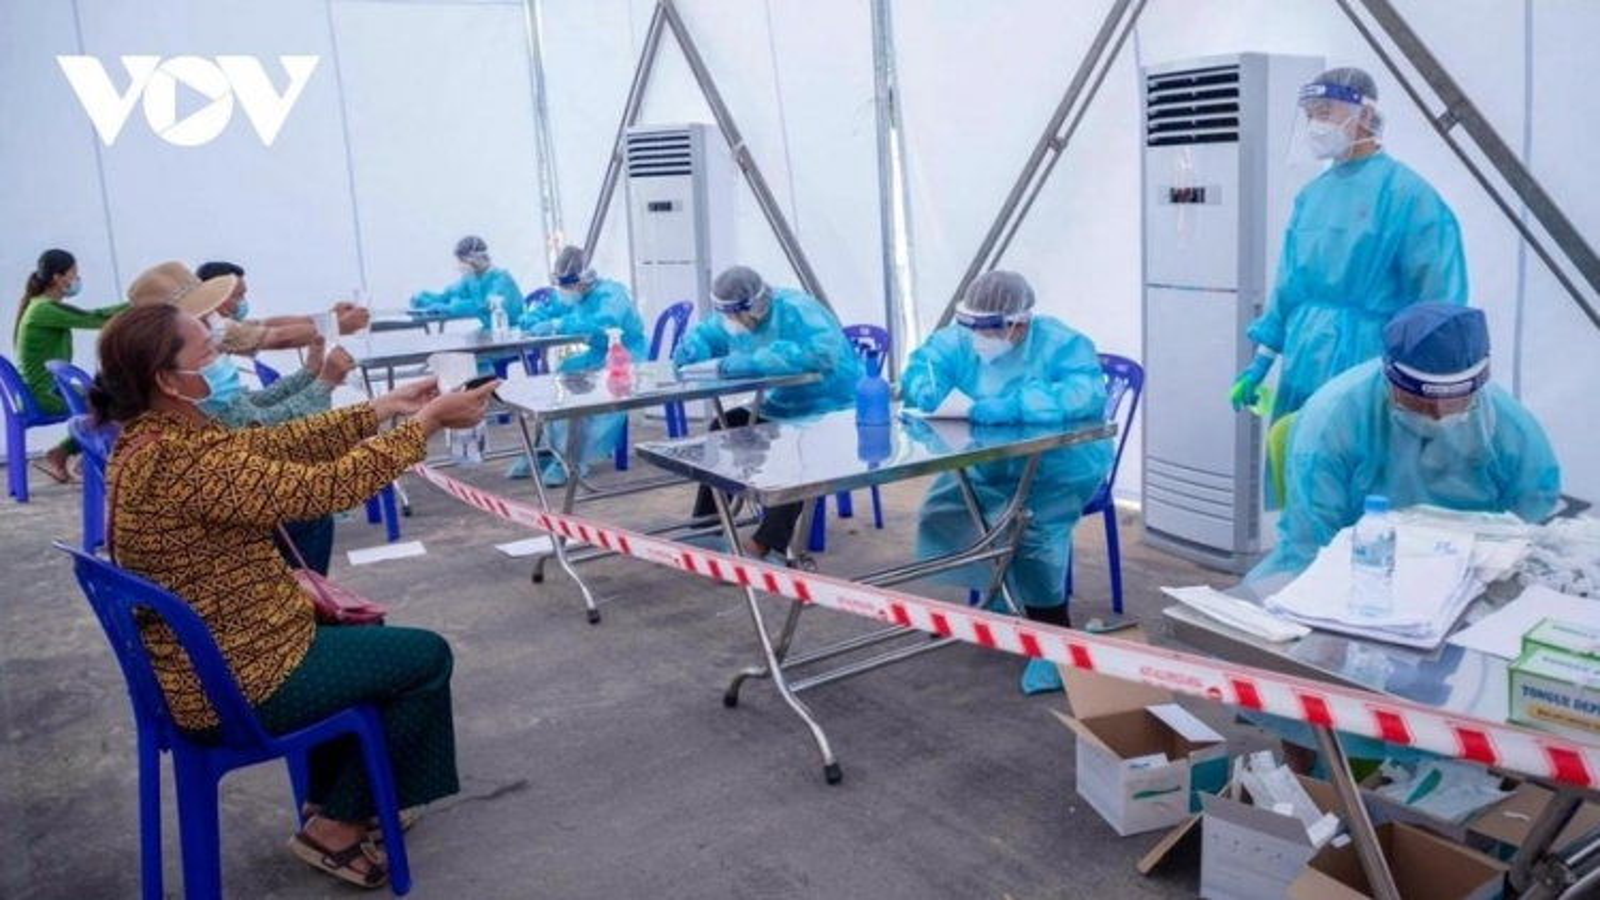 Ngày 21/6, có 267 ca mắc Covid-19 mới trong nước, riêng TP.HCM 166 ca